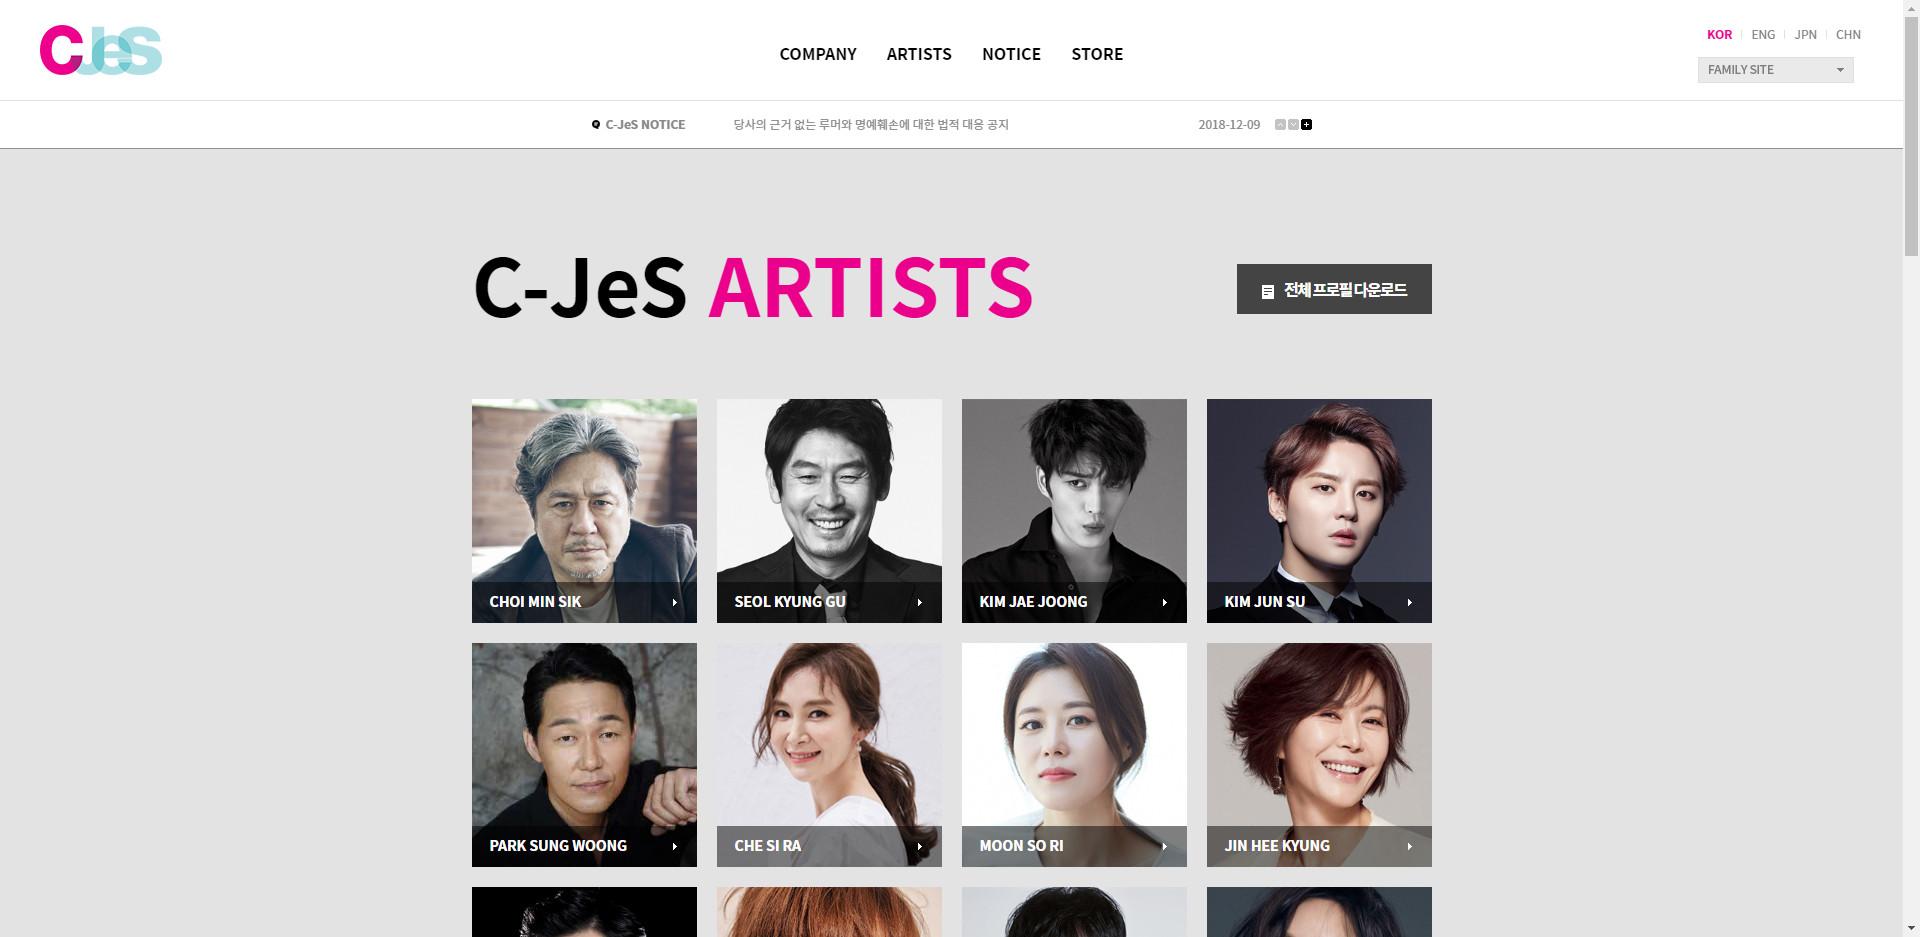 ▲C-JeS也已经在艺人介绍部分删除了朴有天。(图/翻摄自C-JeS官网)